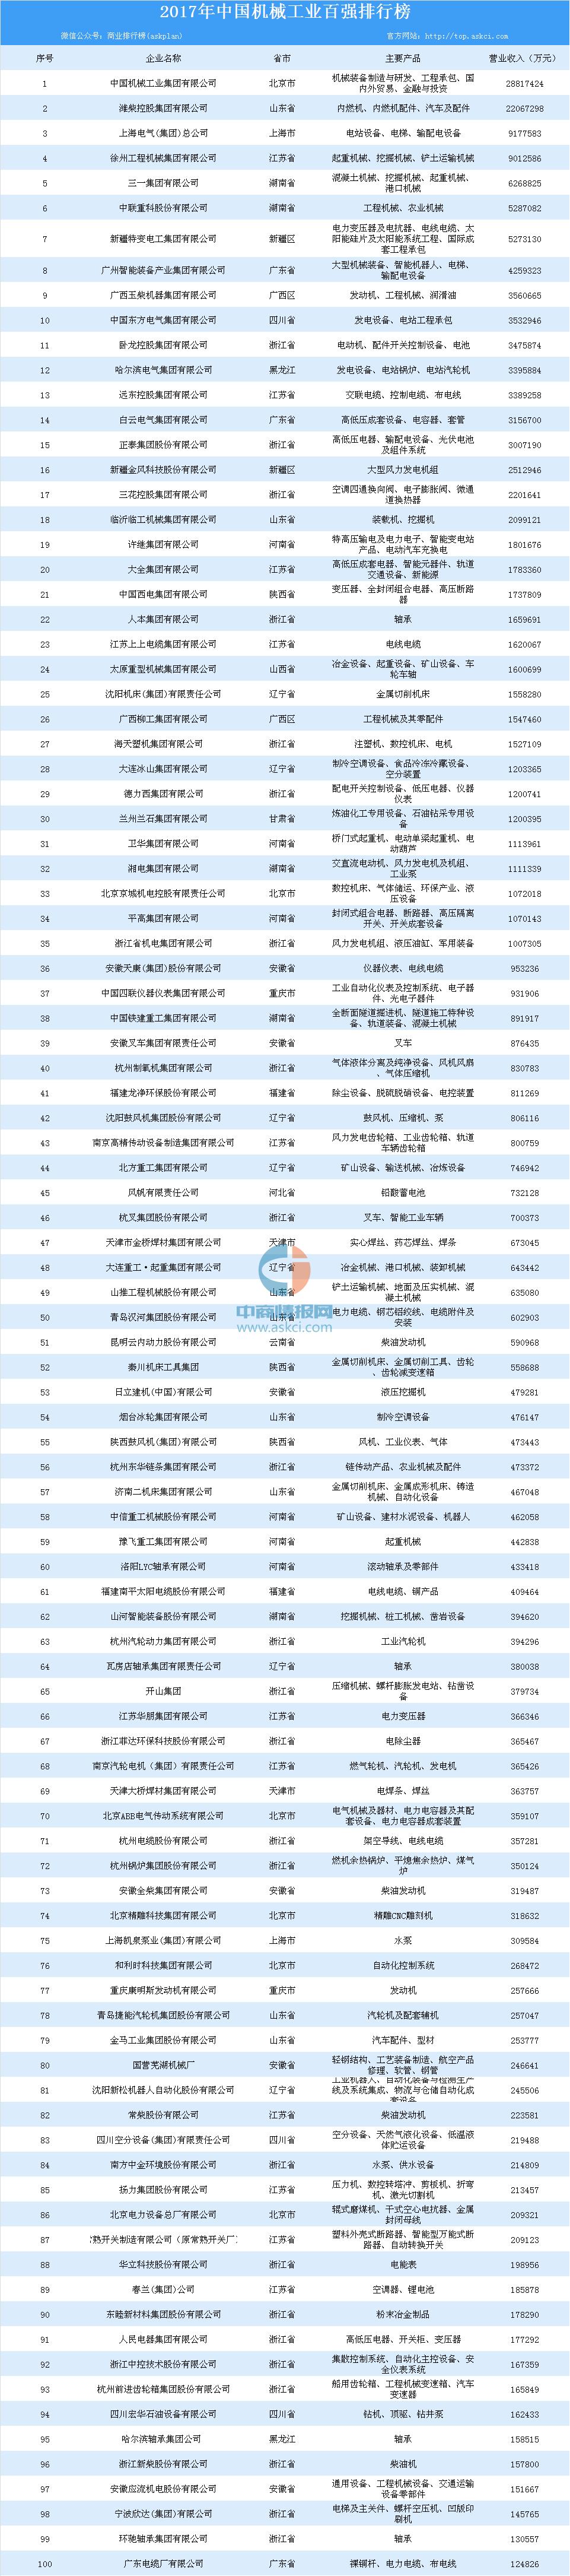 汉能登榜中国企业500强 利润率与资产收益率入围40强